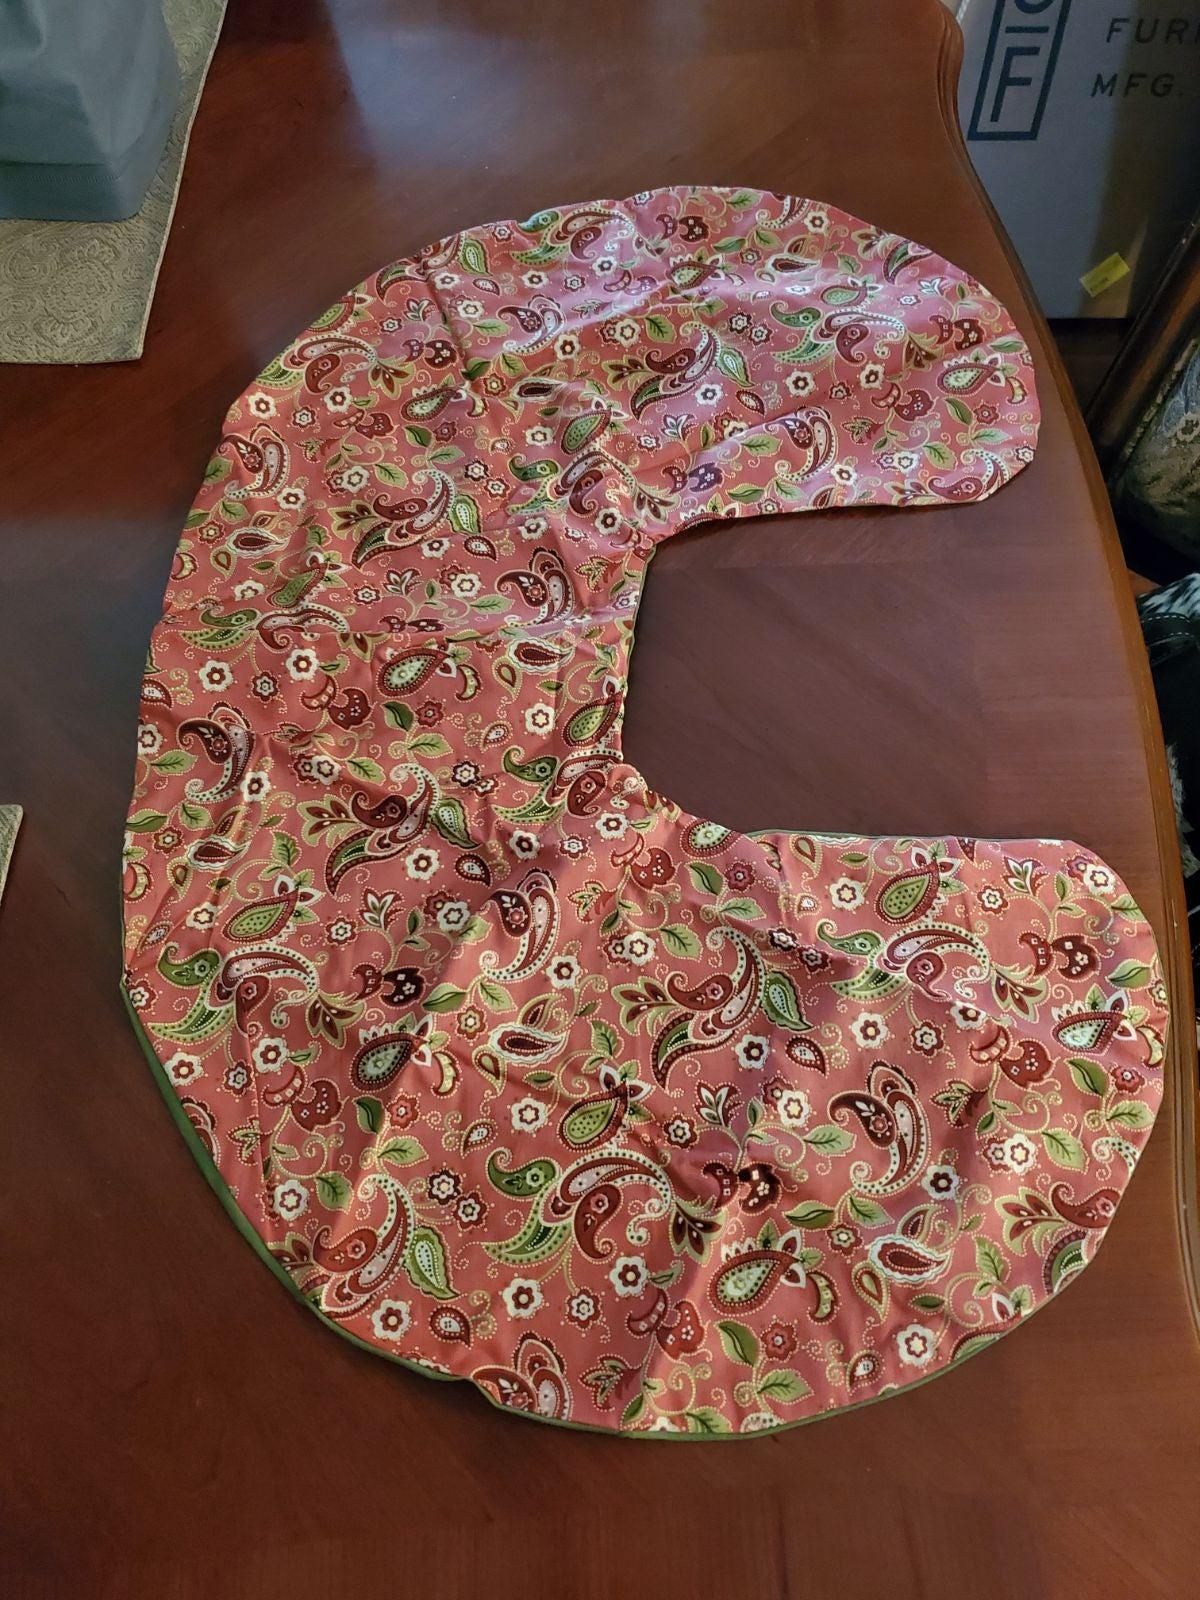 Boppy Pillow Cover Brand New Handmade!!!